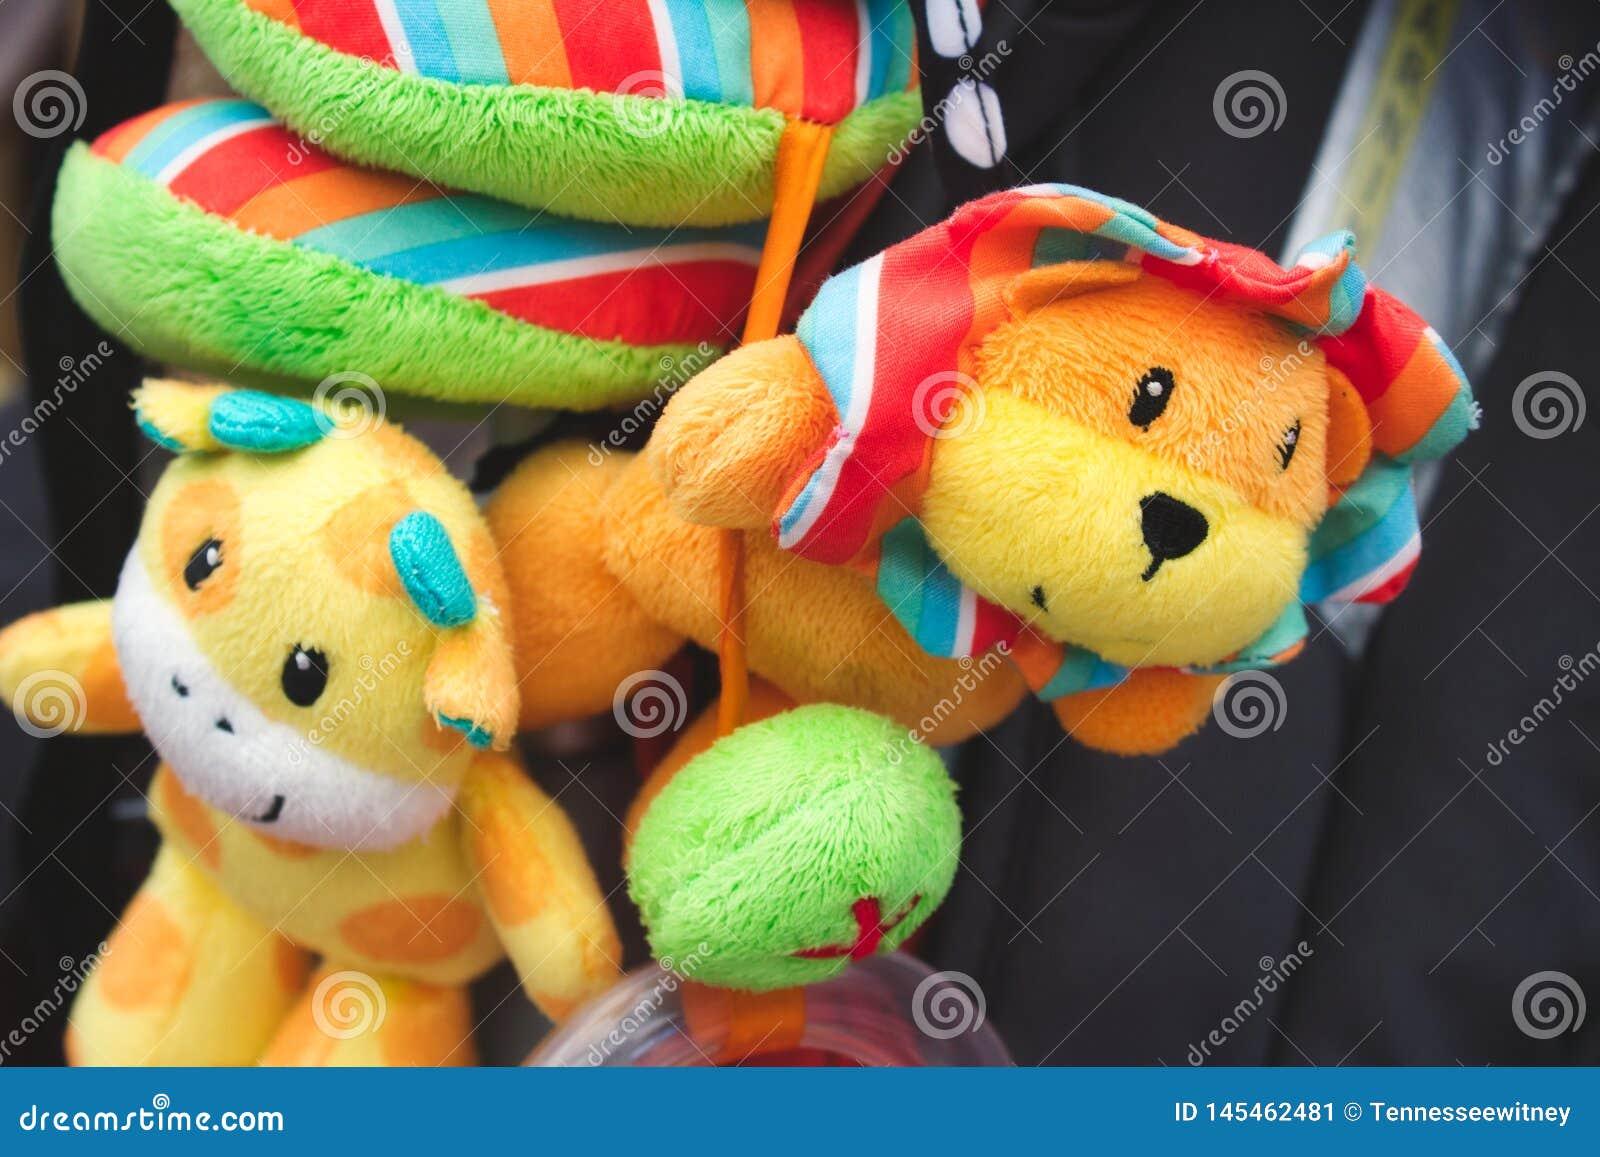 Juguetes mimosos suaves que cuelgan del carrito de un bebé